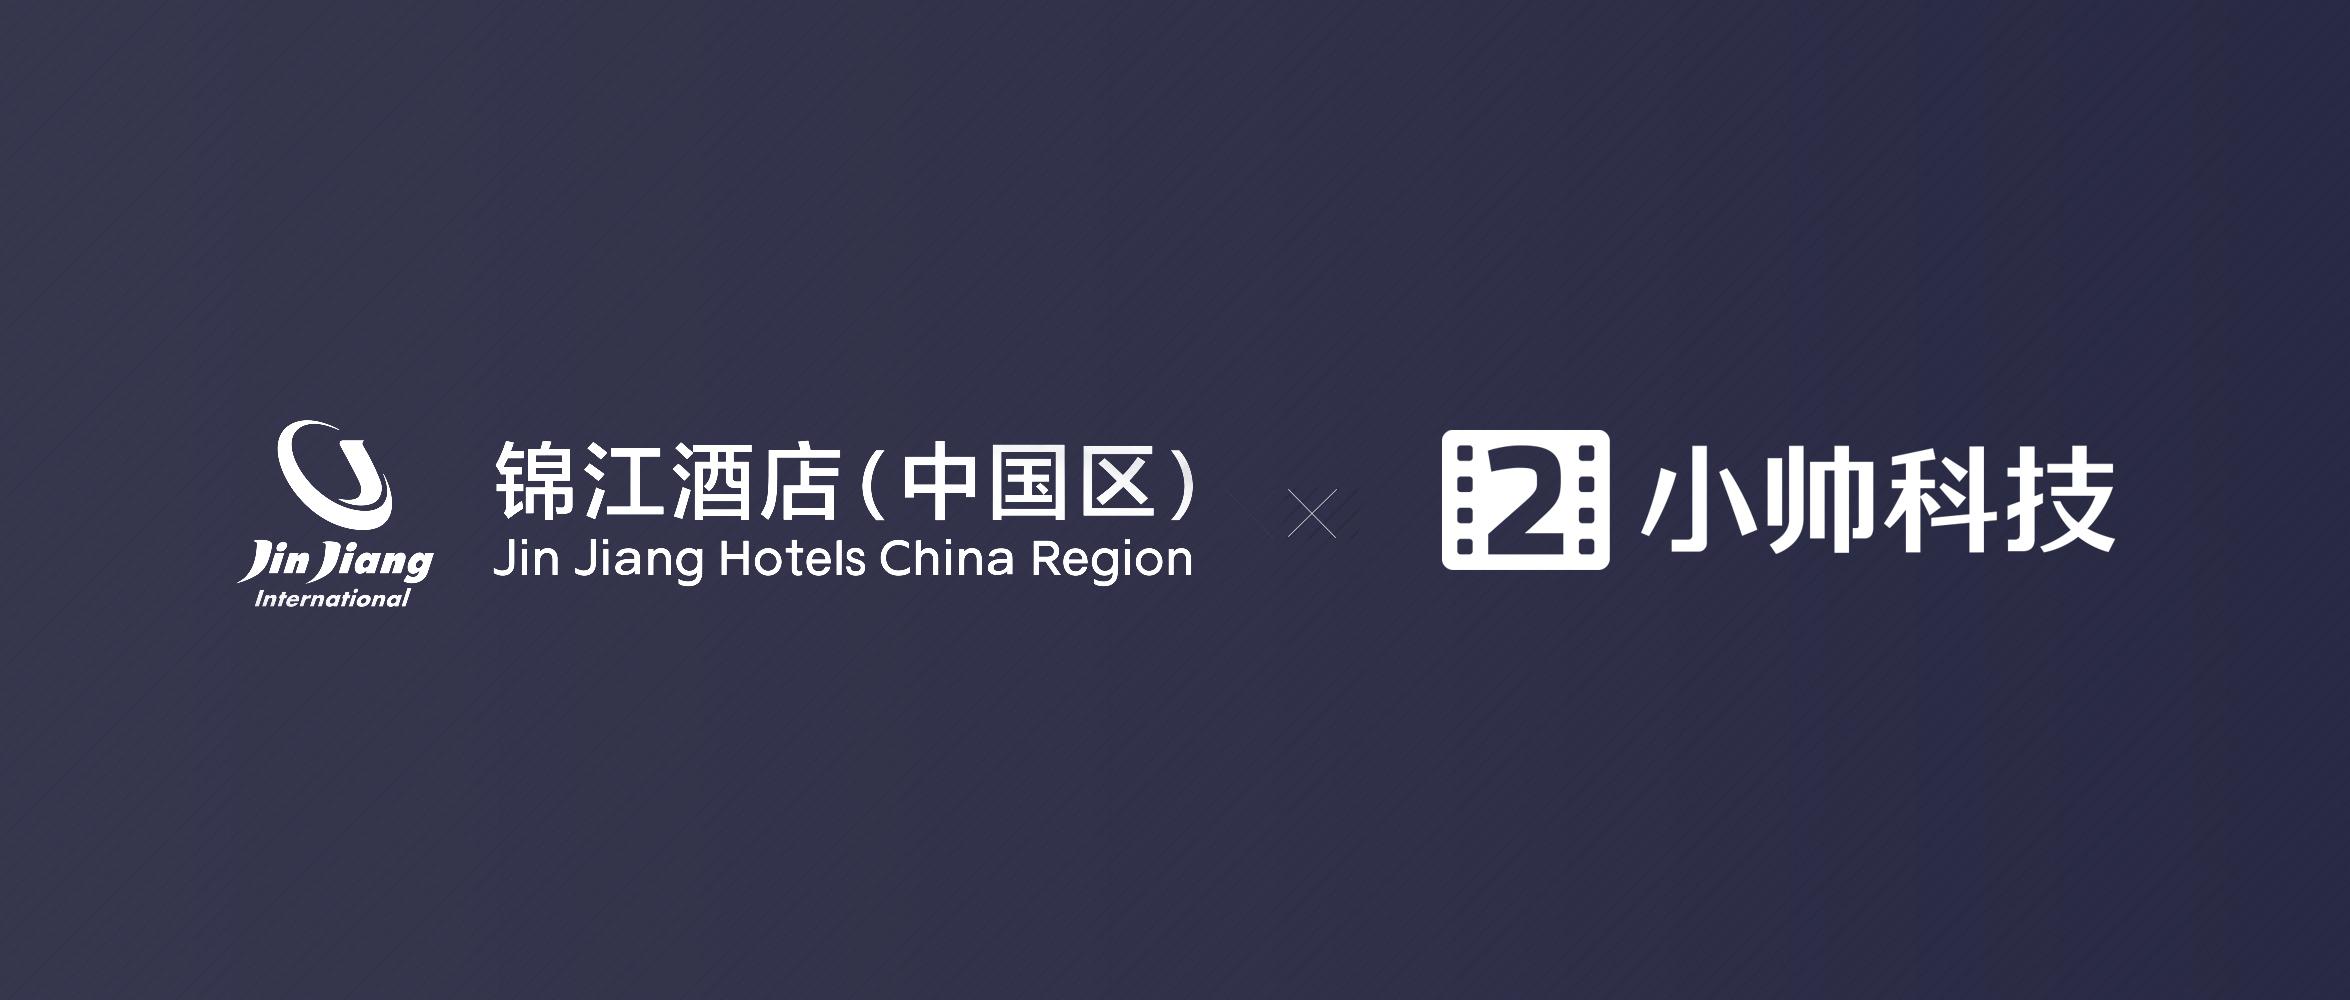 小帅携手锦江旗下众多品牌全面推进智能化升级